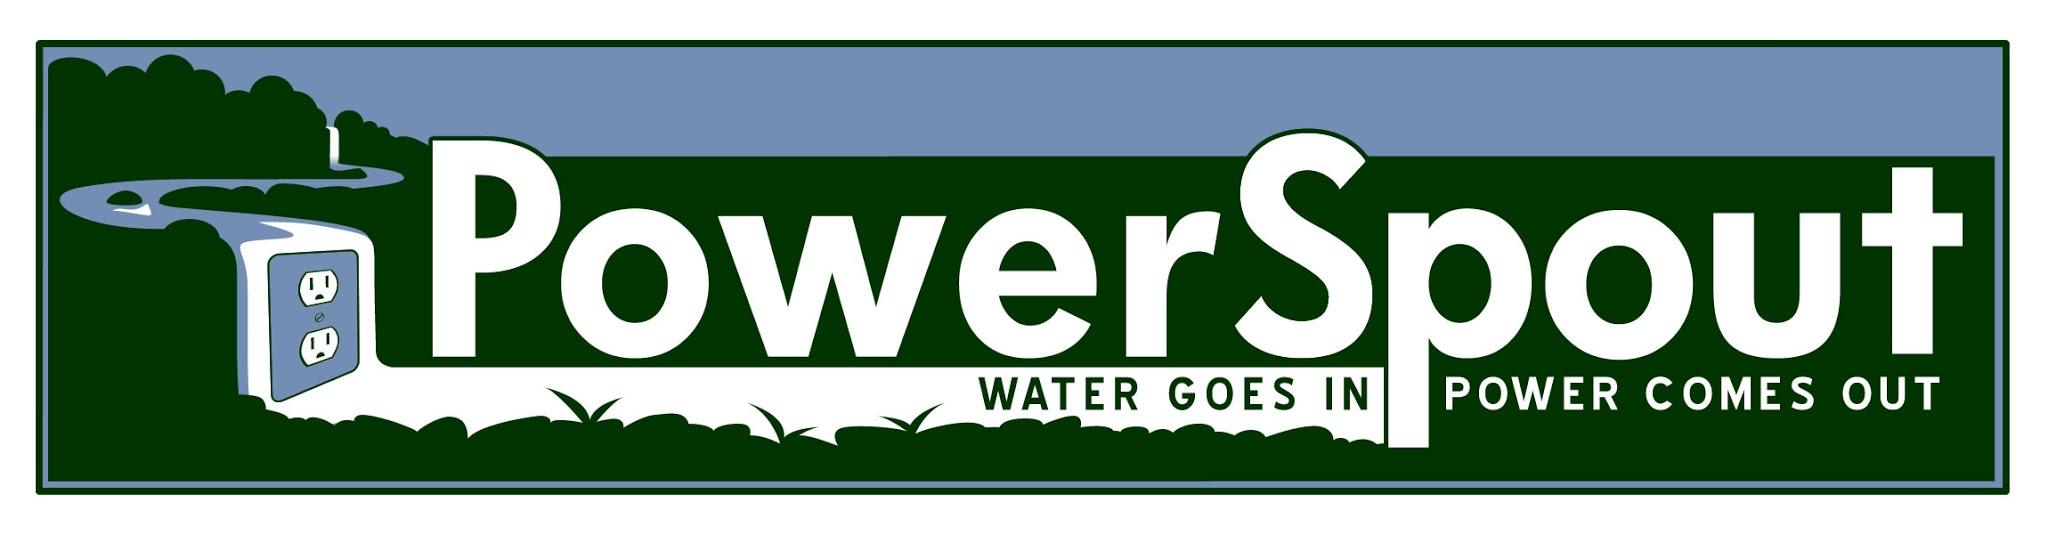 PowerSpout logo.jpg